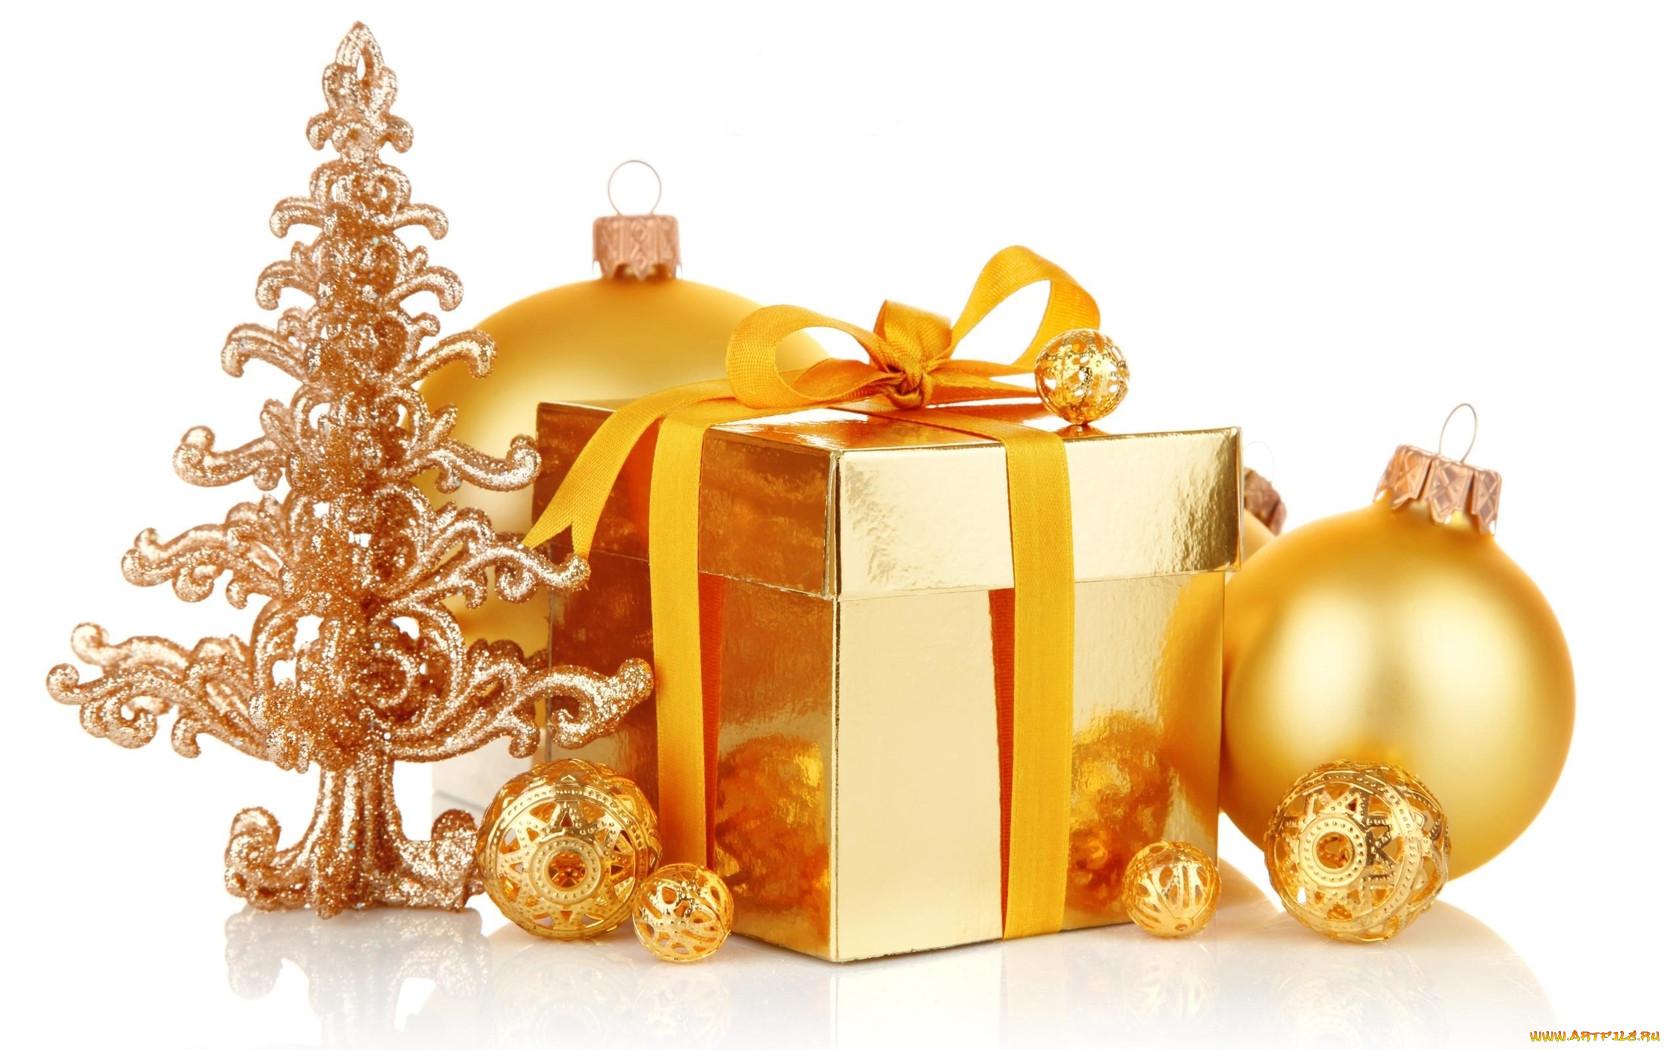 картинки новогодних шаров и подарков отдыха вишнёвые